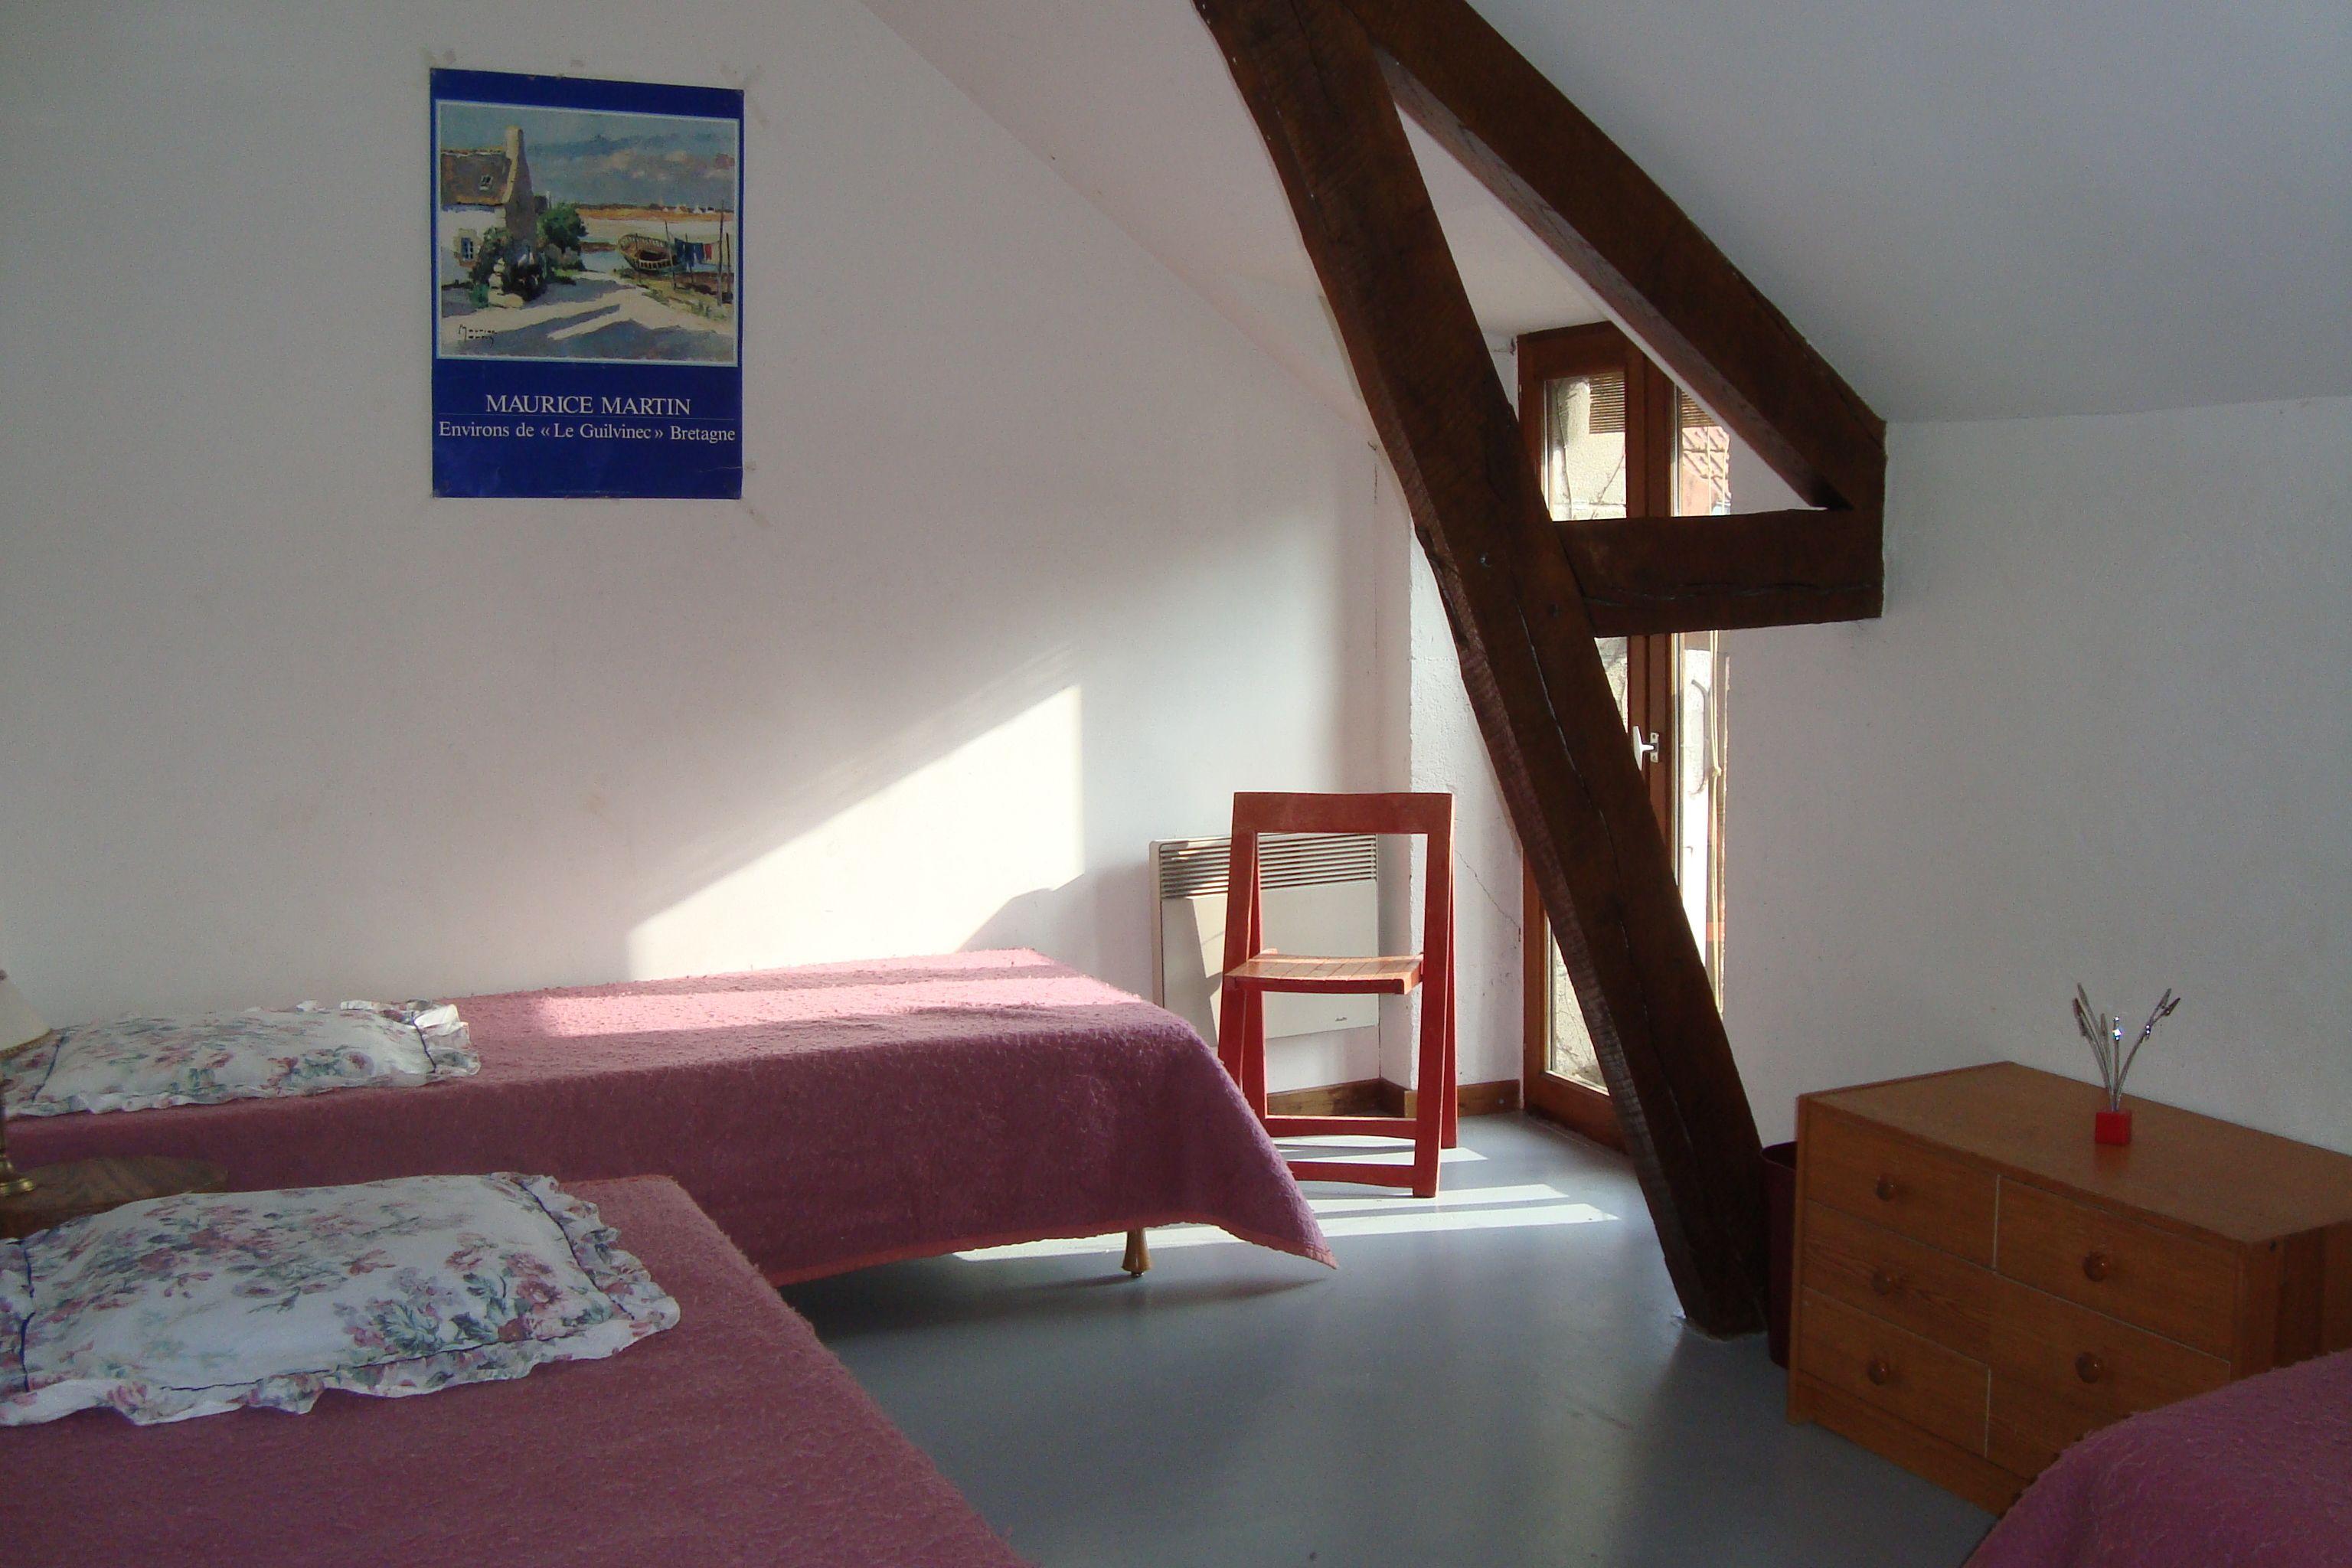 Chambre l'Artichaut, familiale de 3 lits, porte fenêtre avec balustrade donnant sur le jardin, penderie, commode